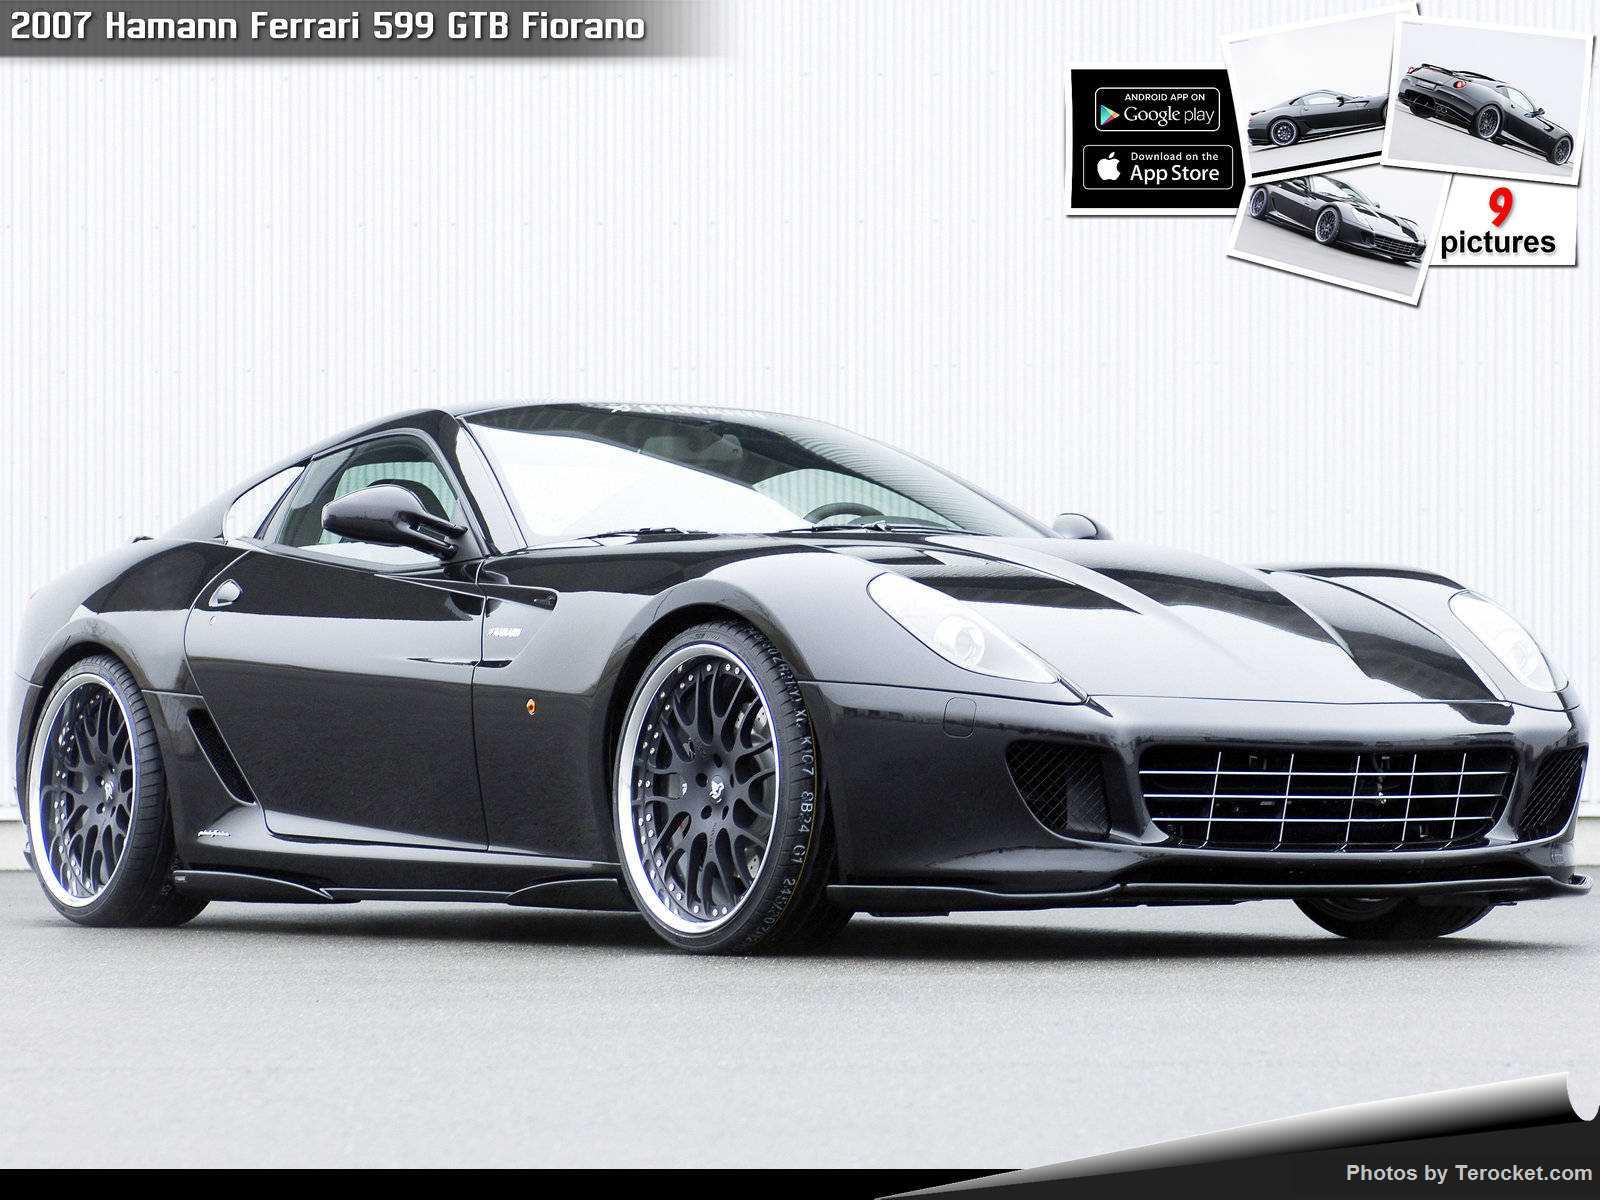 Hình ảnh xe ô tô Hamann Ferrari 599 GTB Fiorano 2007 & nội ngoại thất